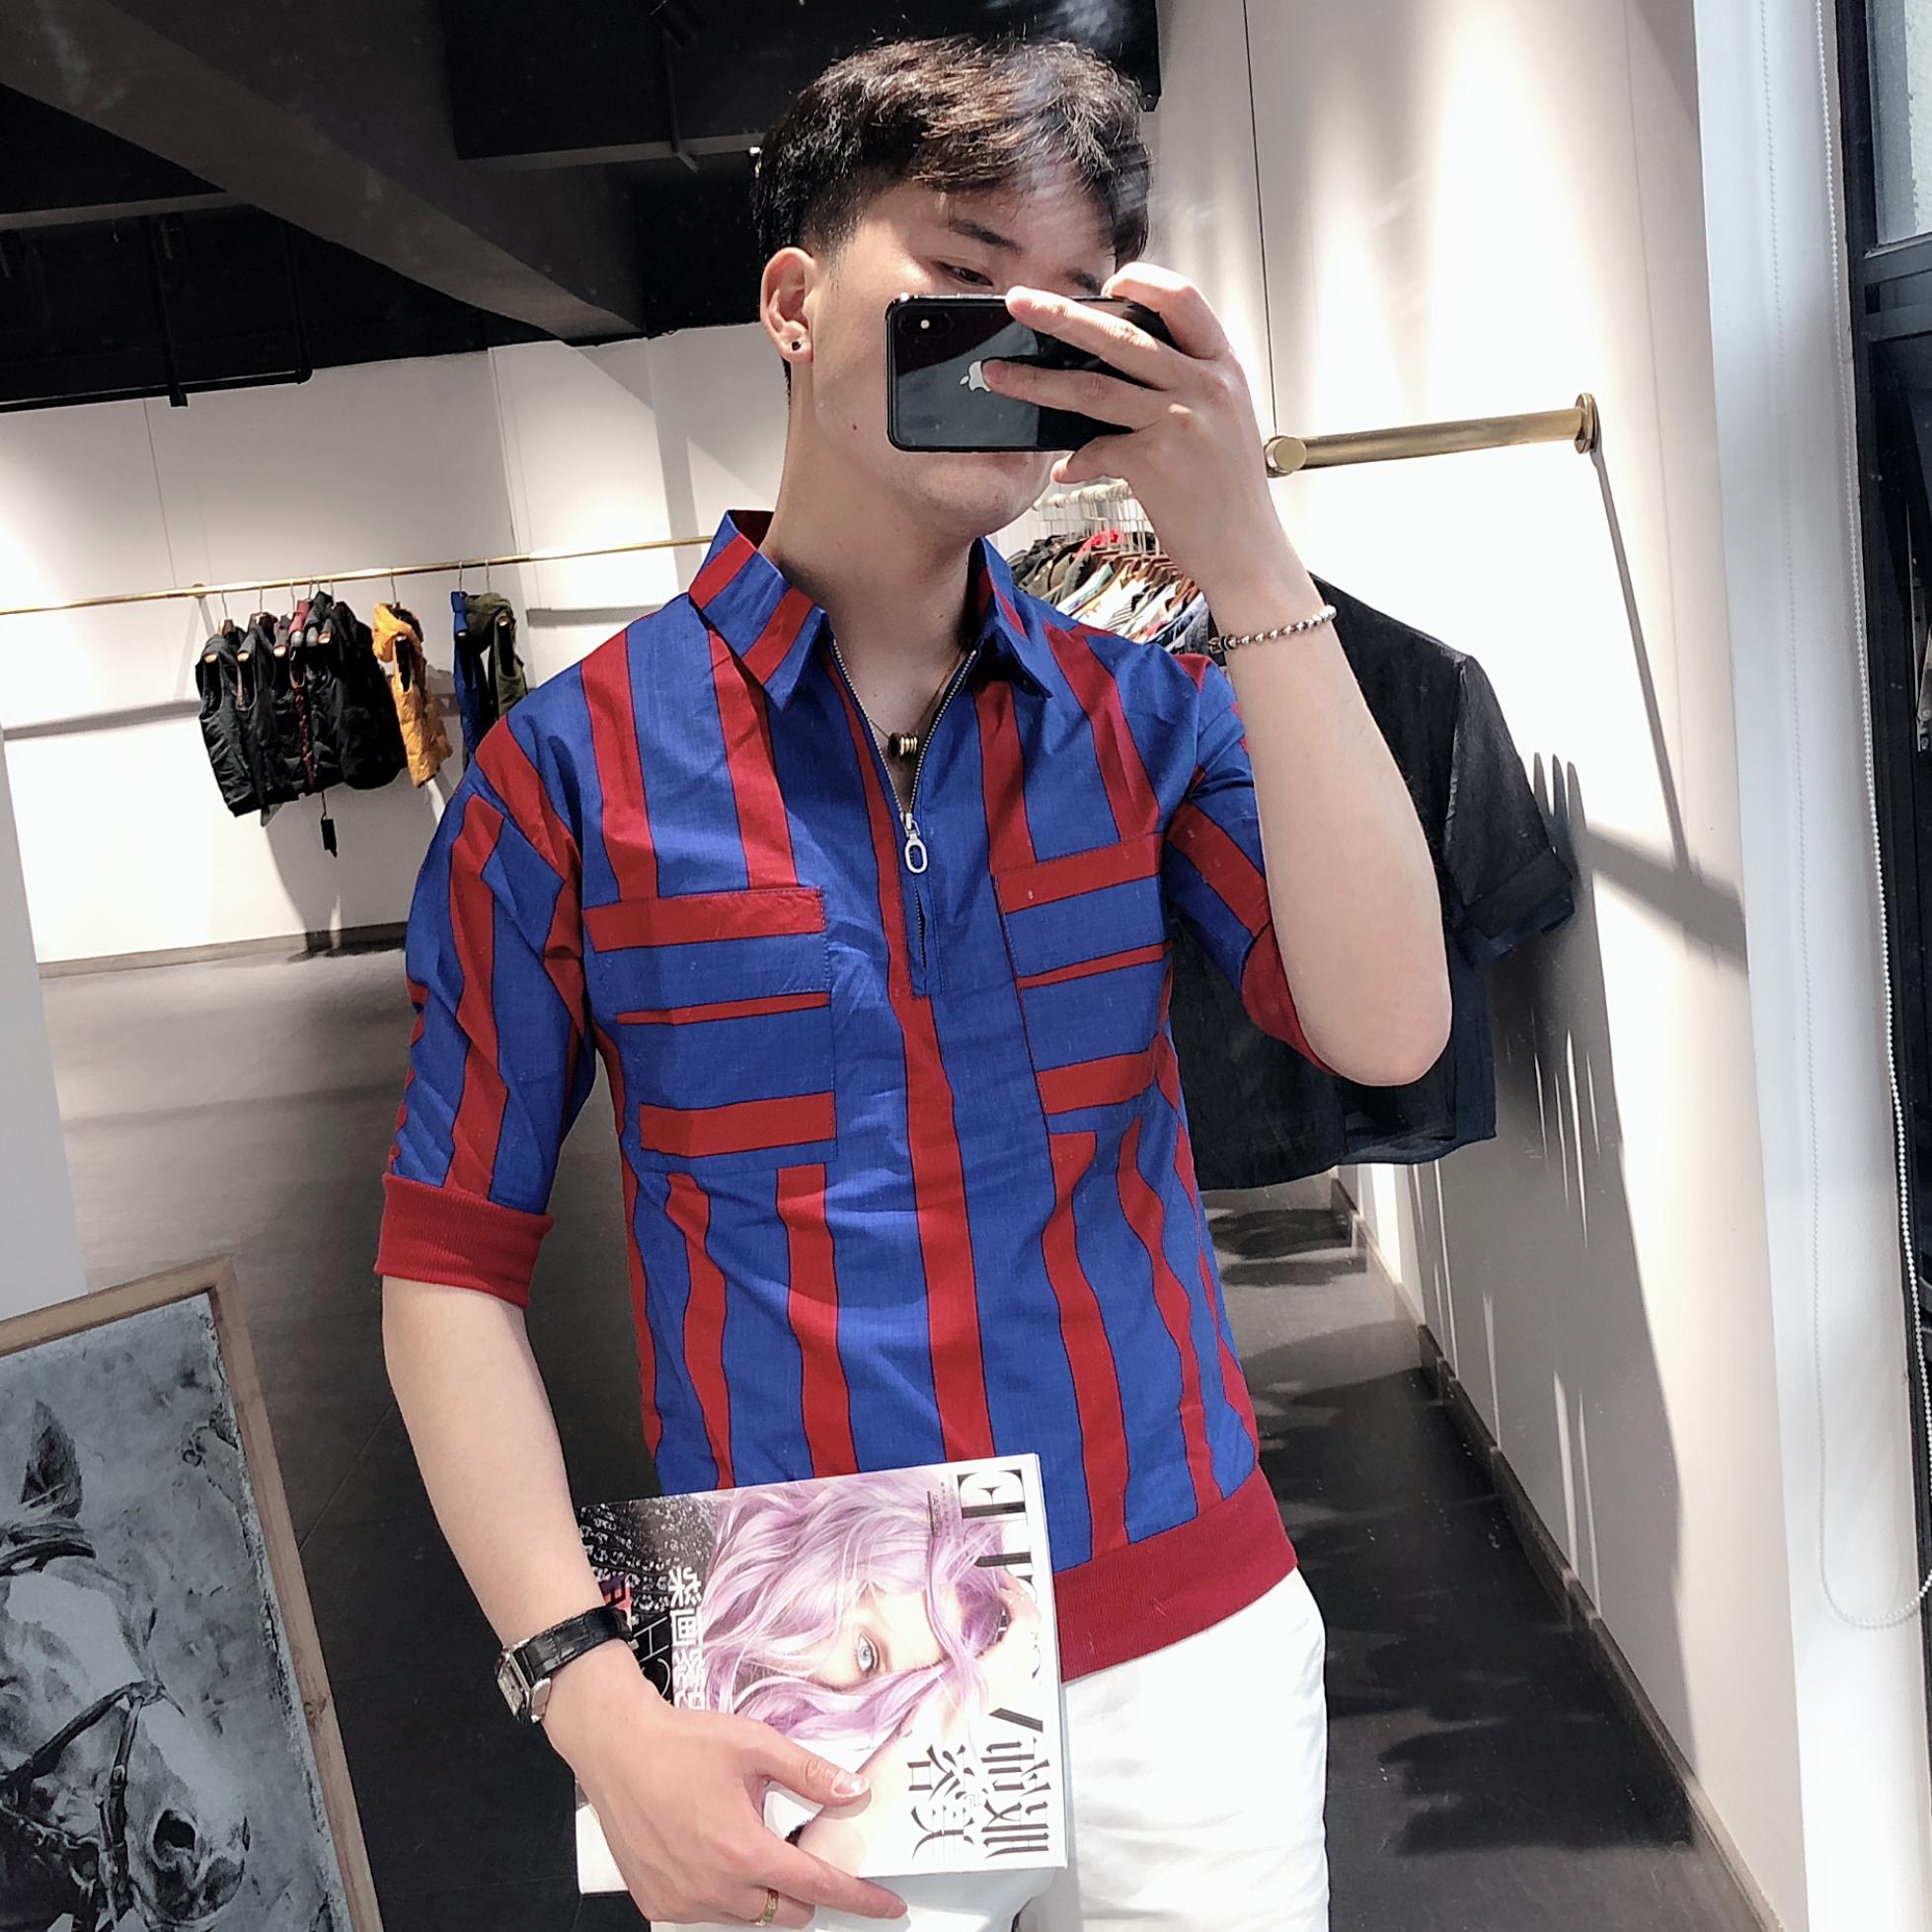 男装衬衫 20夏季短袖男衬衫韩版青年五分袖中袖套头条纹衬衣社会小伙上衣潮_推荐淘宝好看的男衬衫